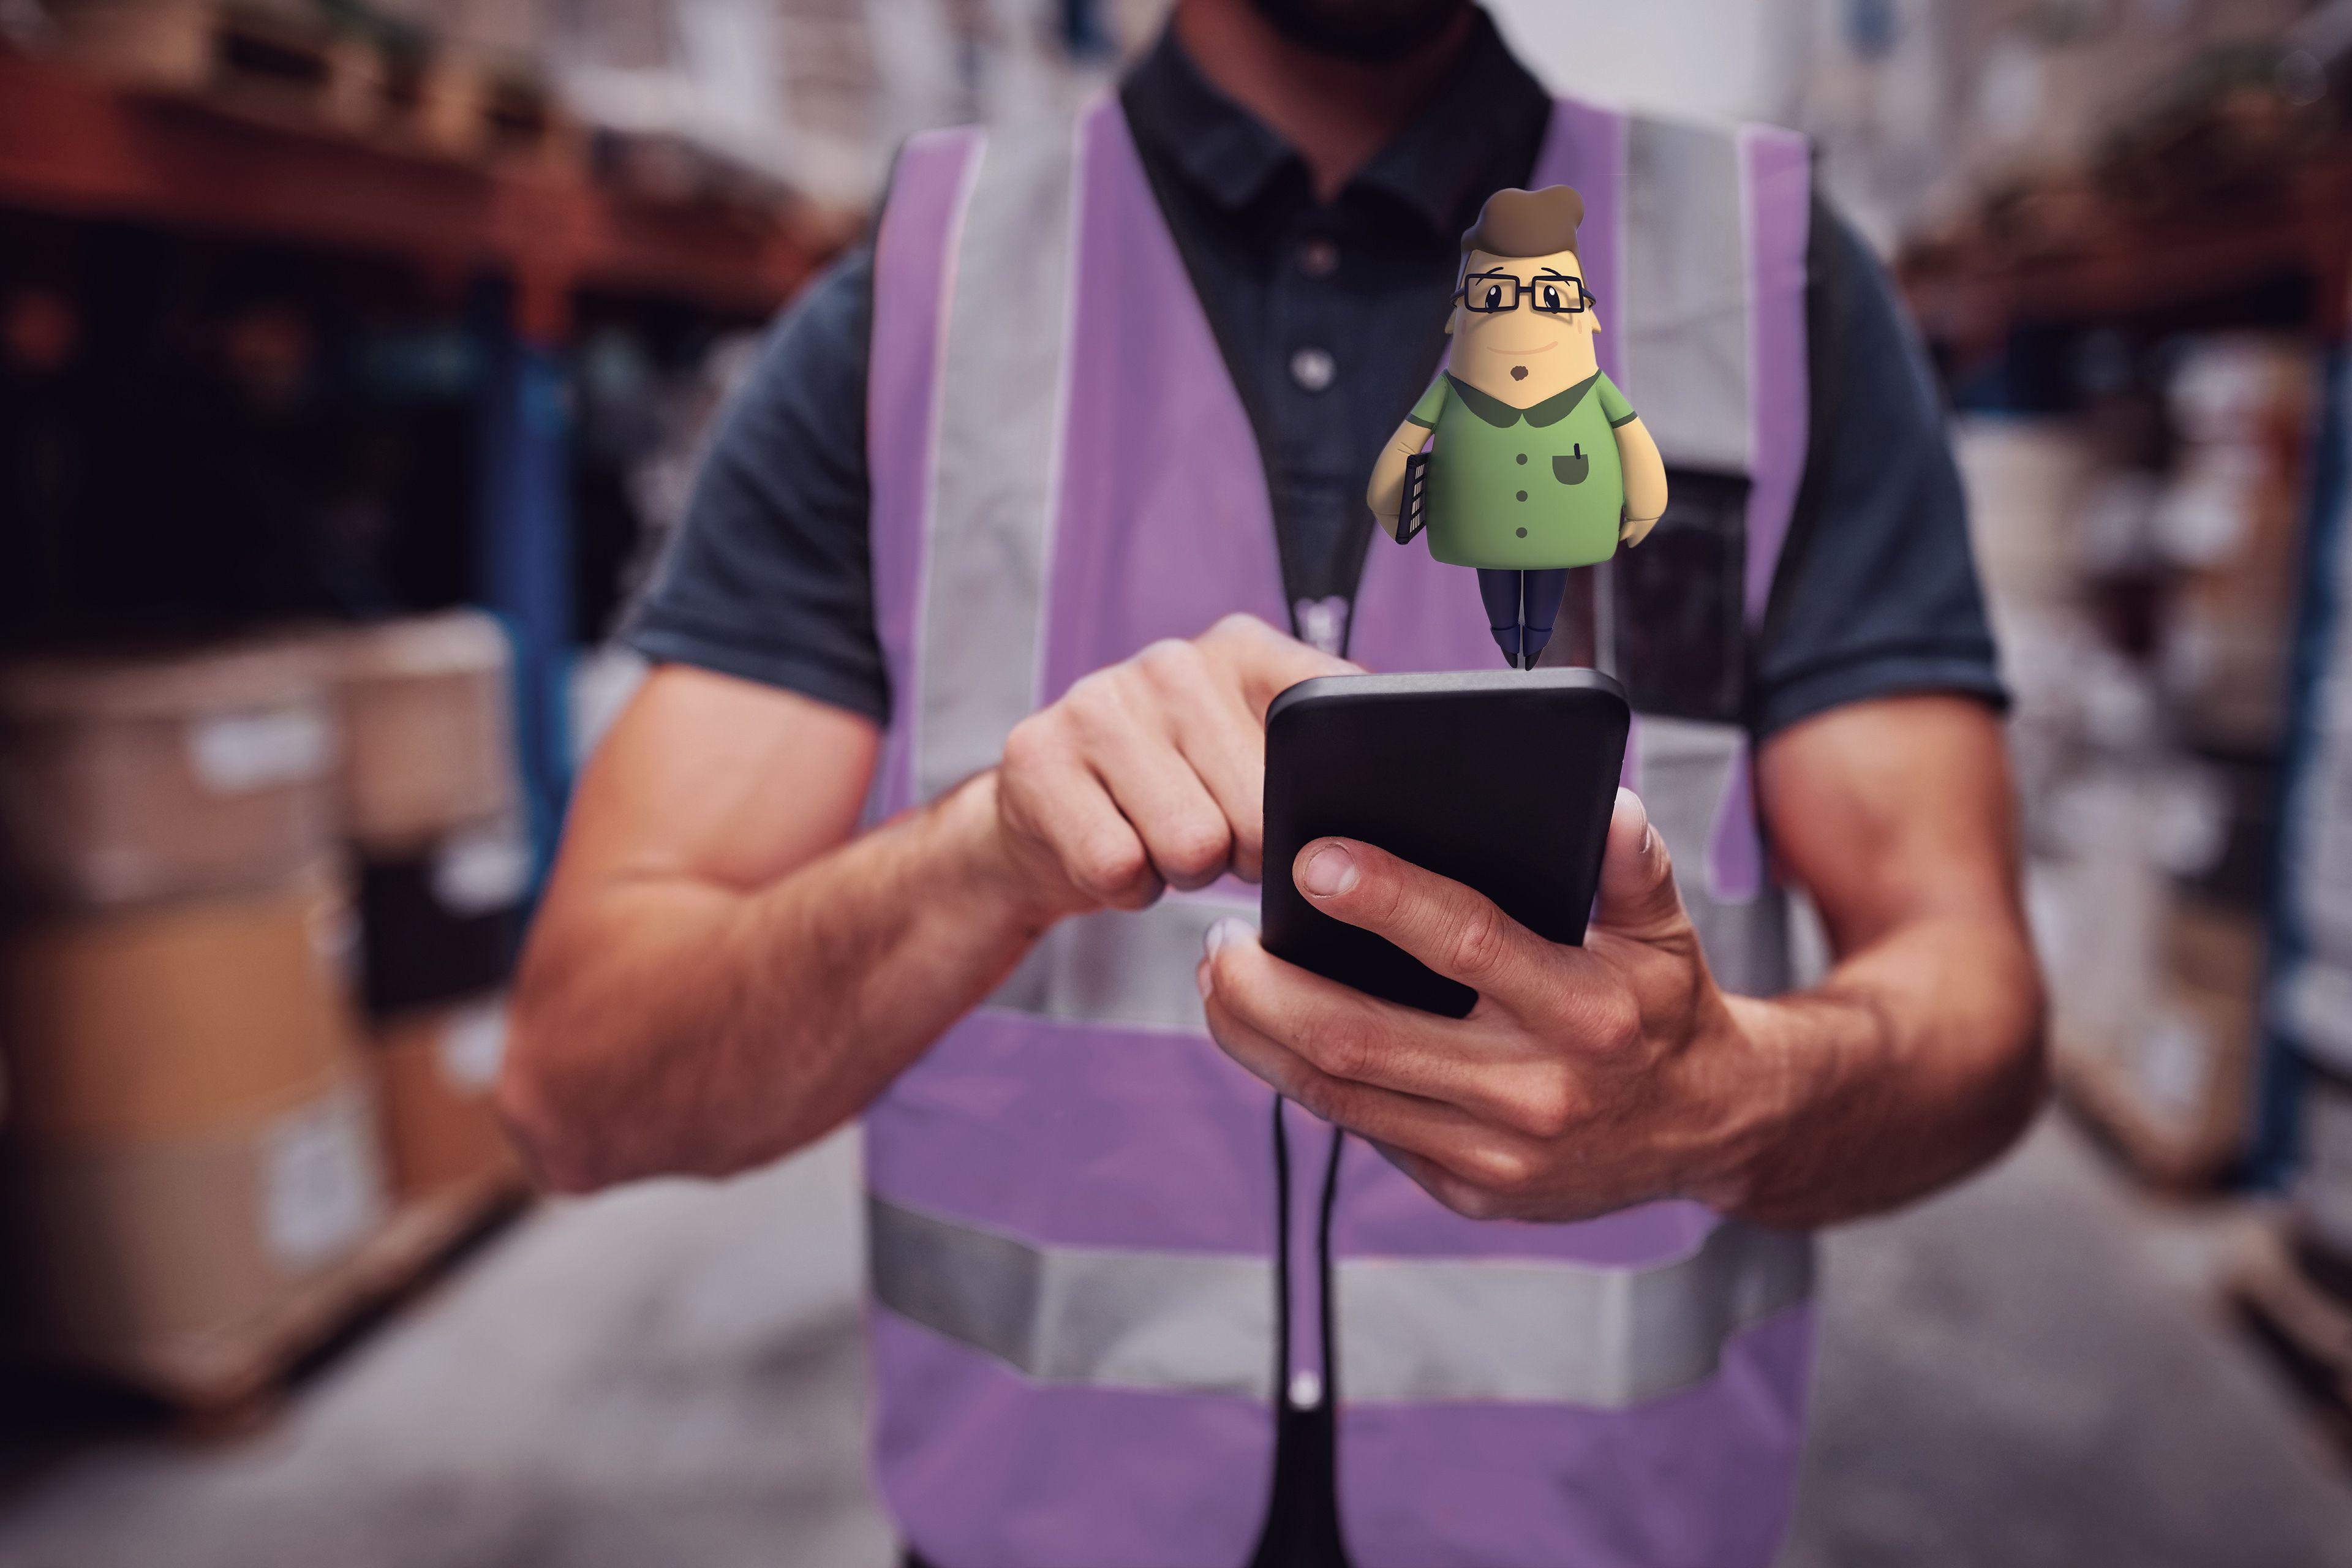 Náborové triky: Čím zaujmout nejhledanější lidi z Práce za rohem